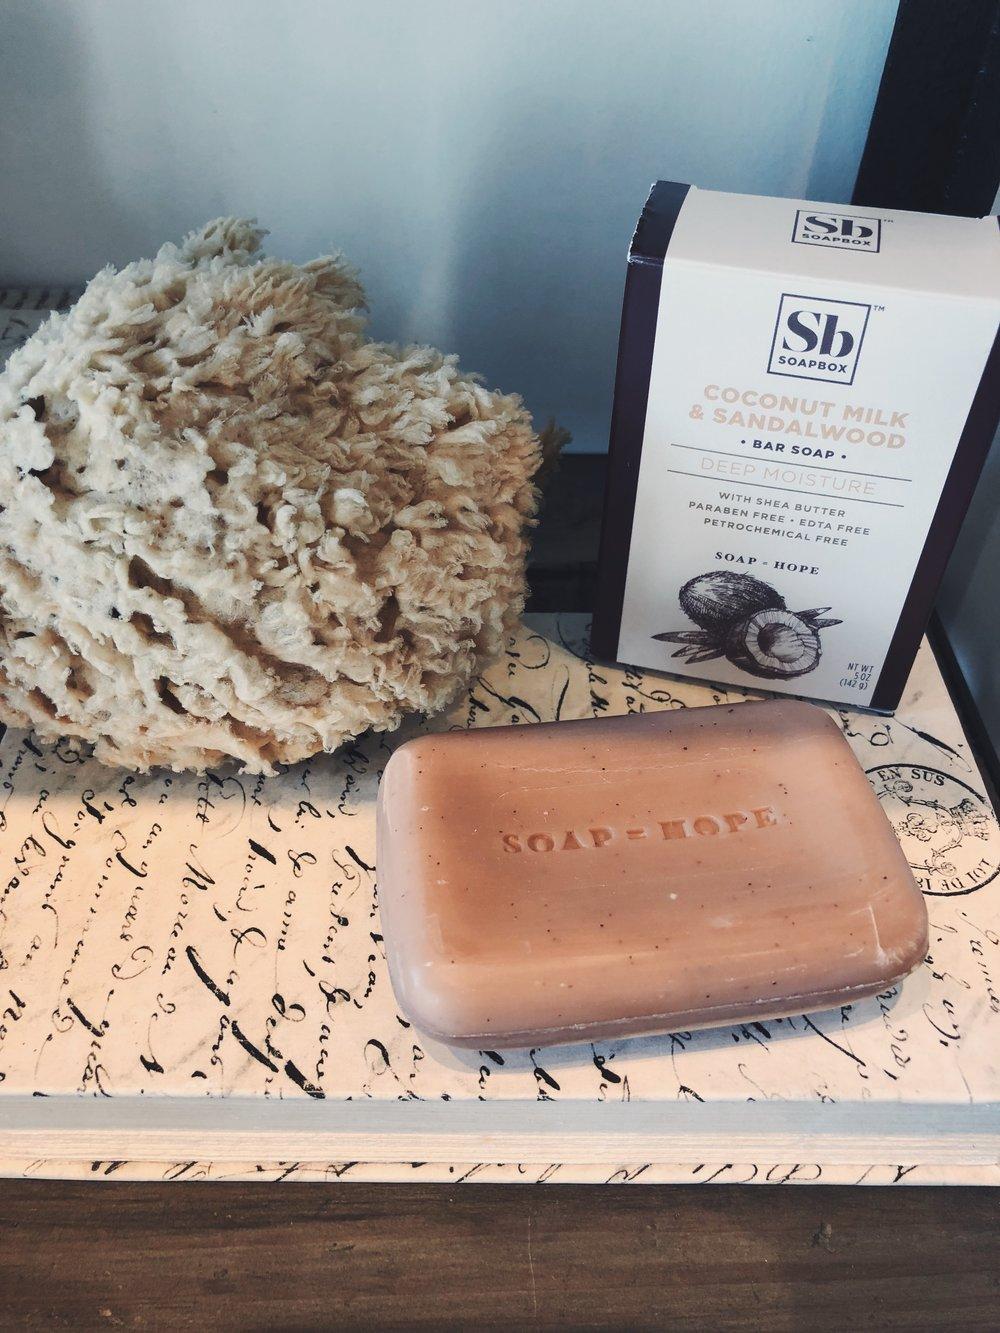 Soap = hope